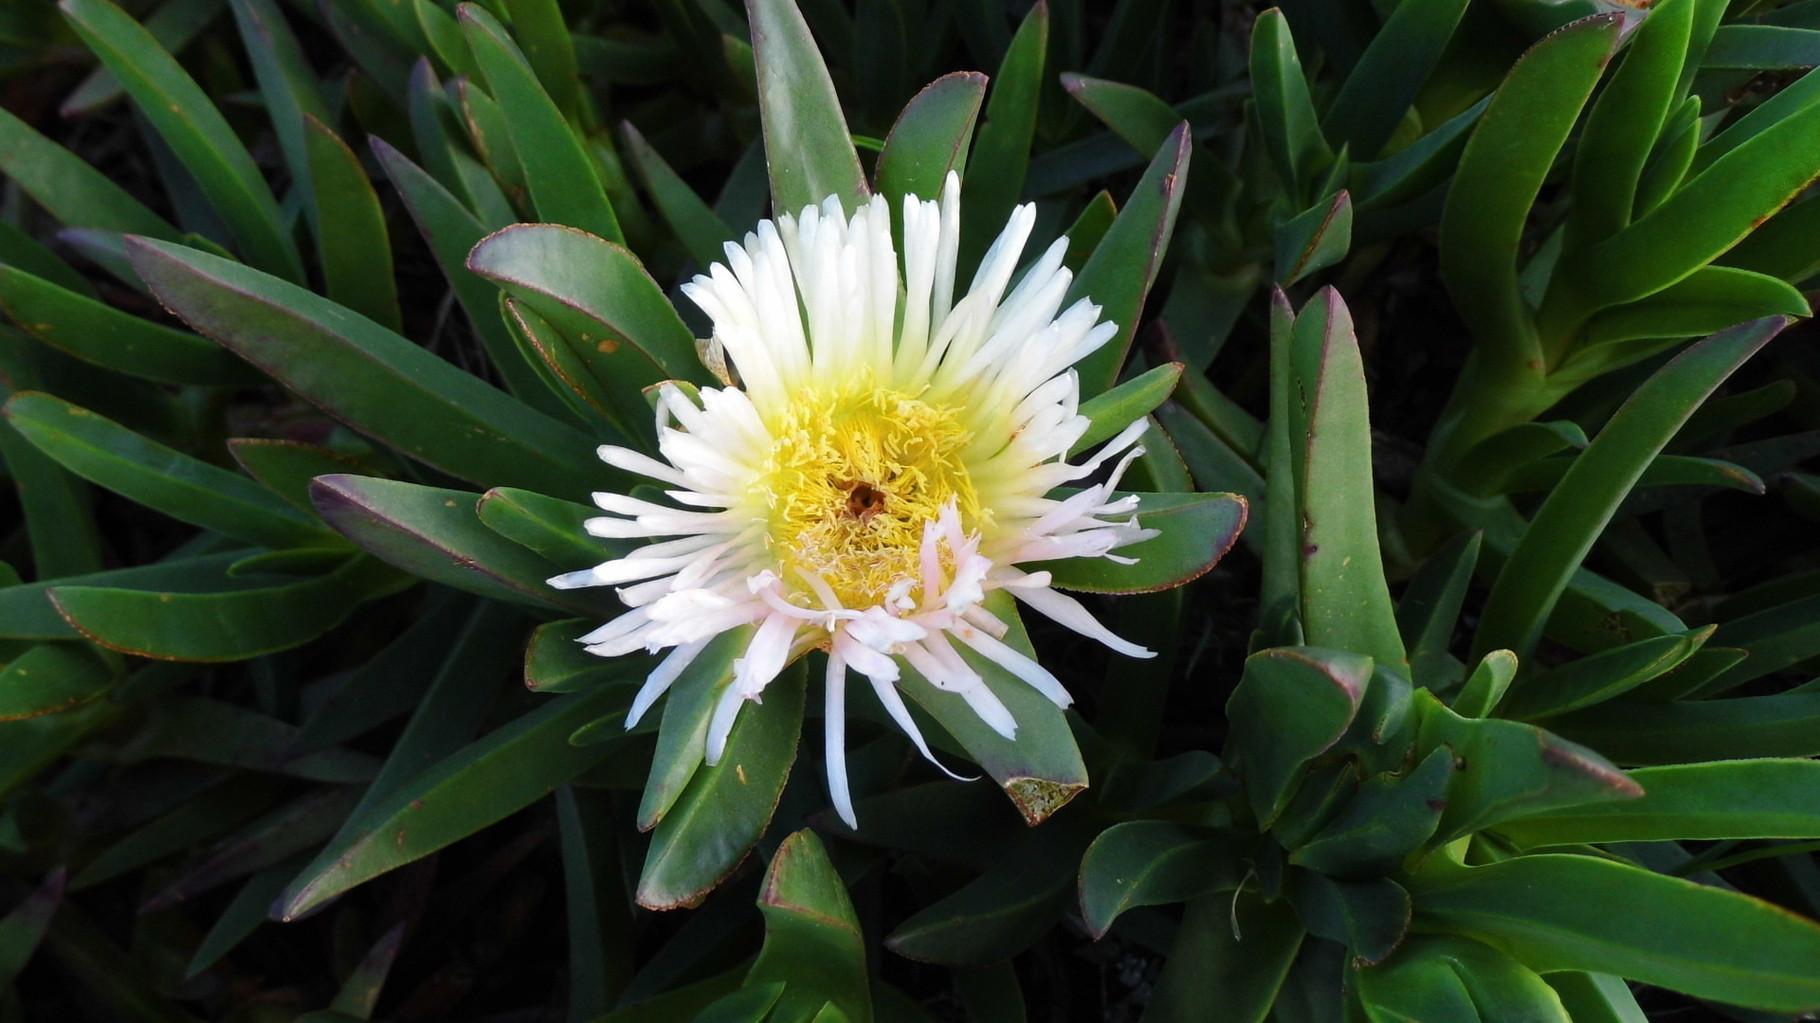 une fleur au bord de la ligne de partage des eaux